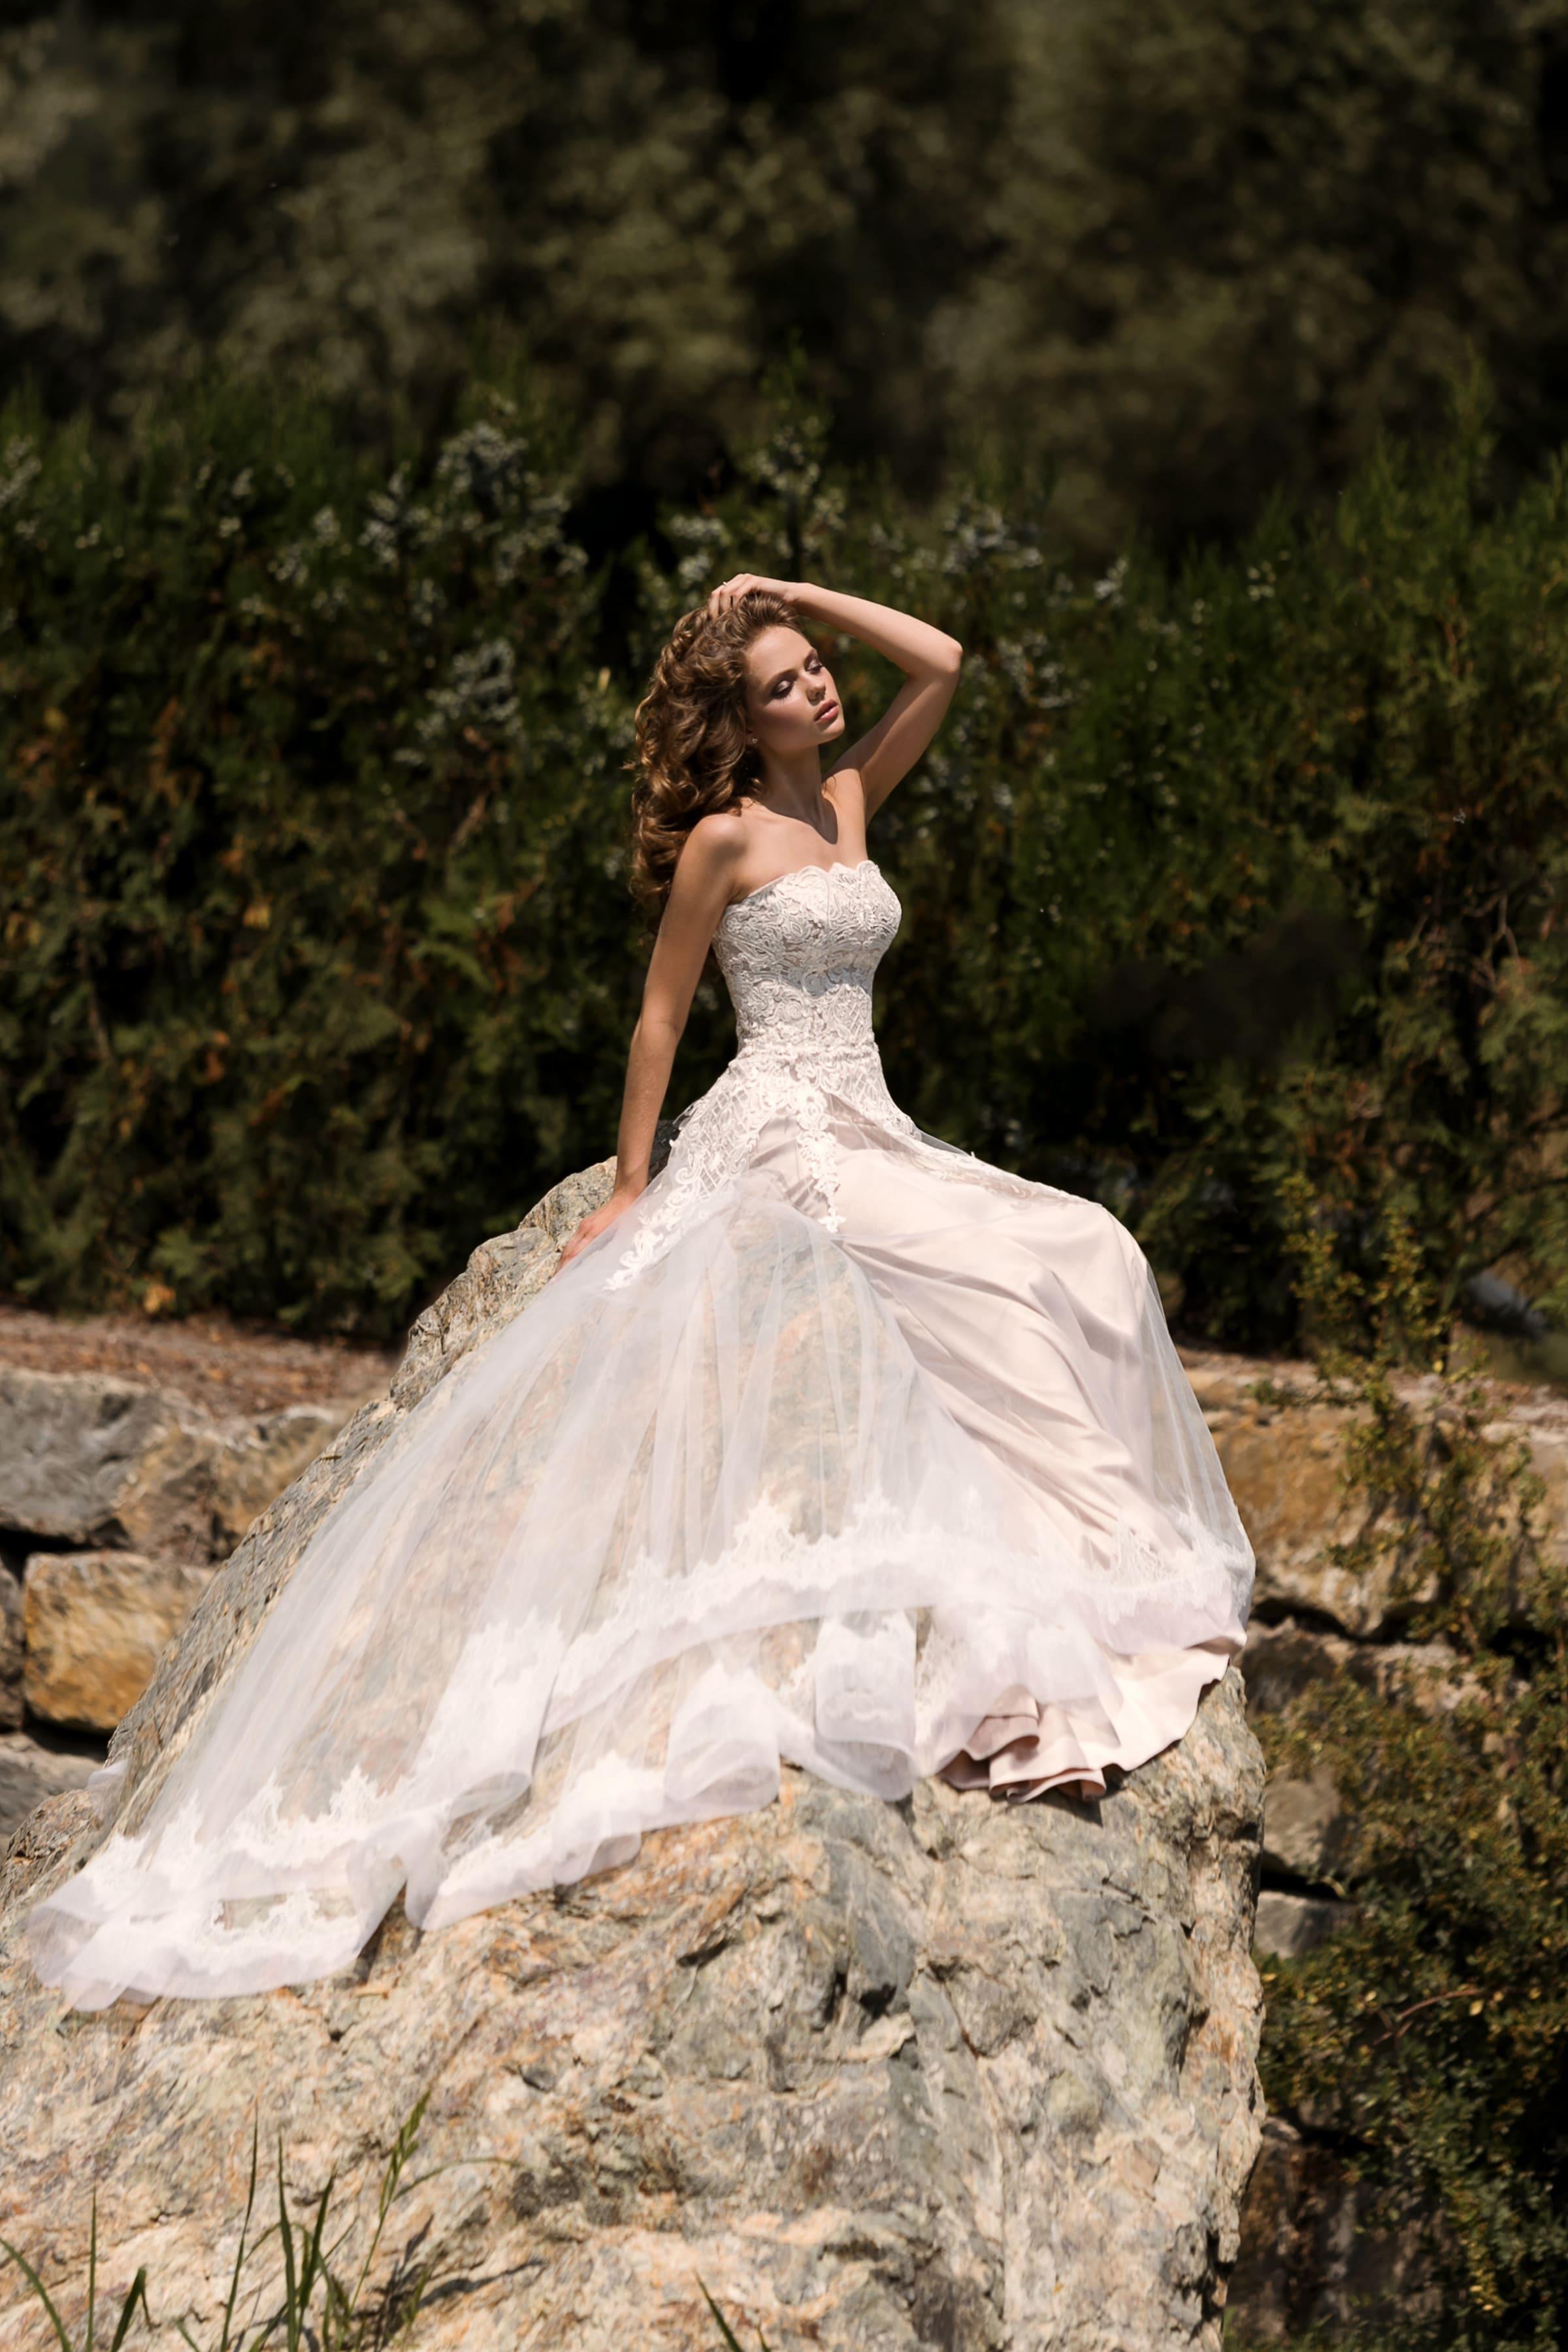 Открытое свадебное платье с прямым лифом и элегантной прямой юбкой из розового атласа.